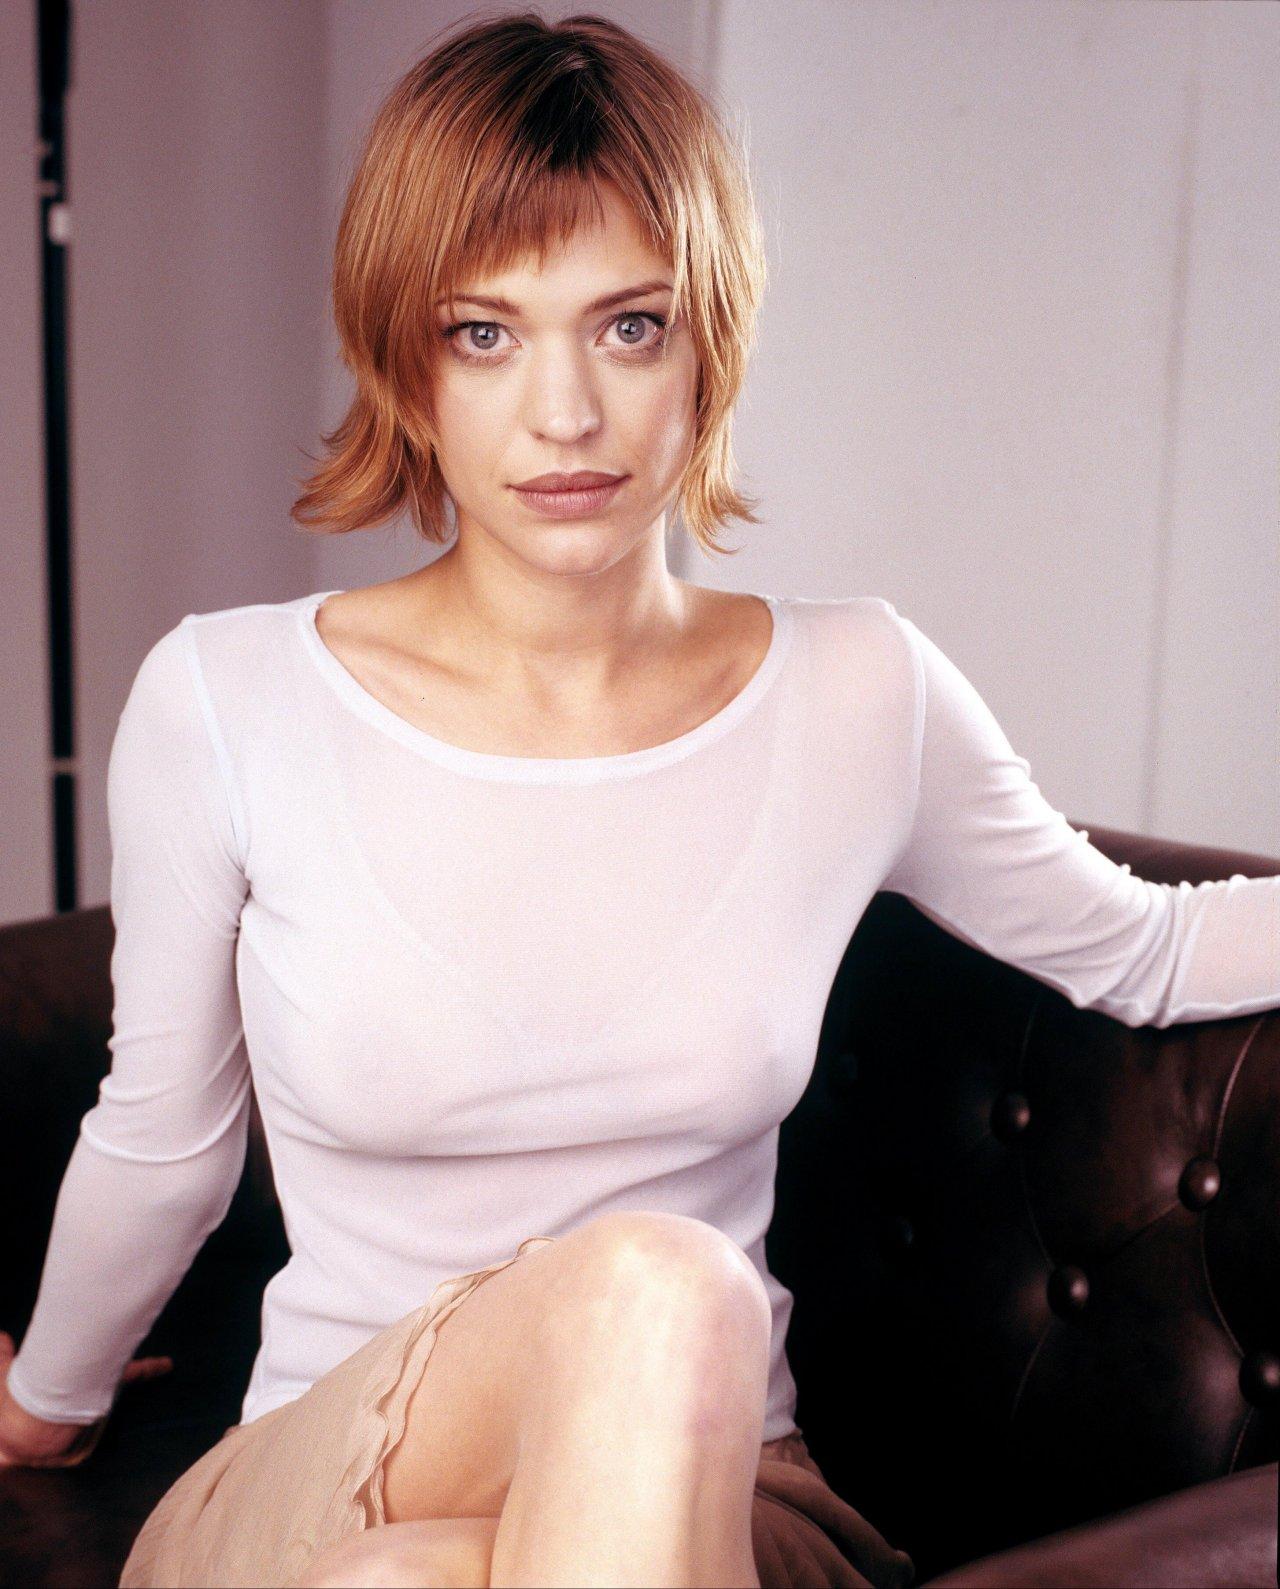 Poze rezolutie mare Heike Makatsch - Actor - Poza 68 din 123 - CineMagia.ro